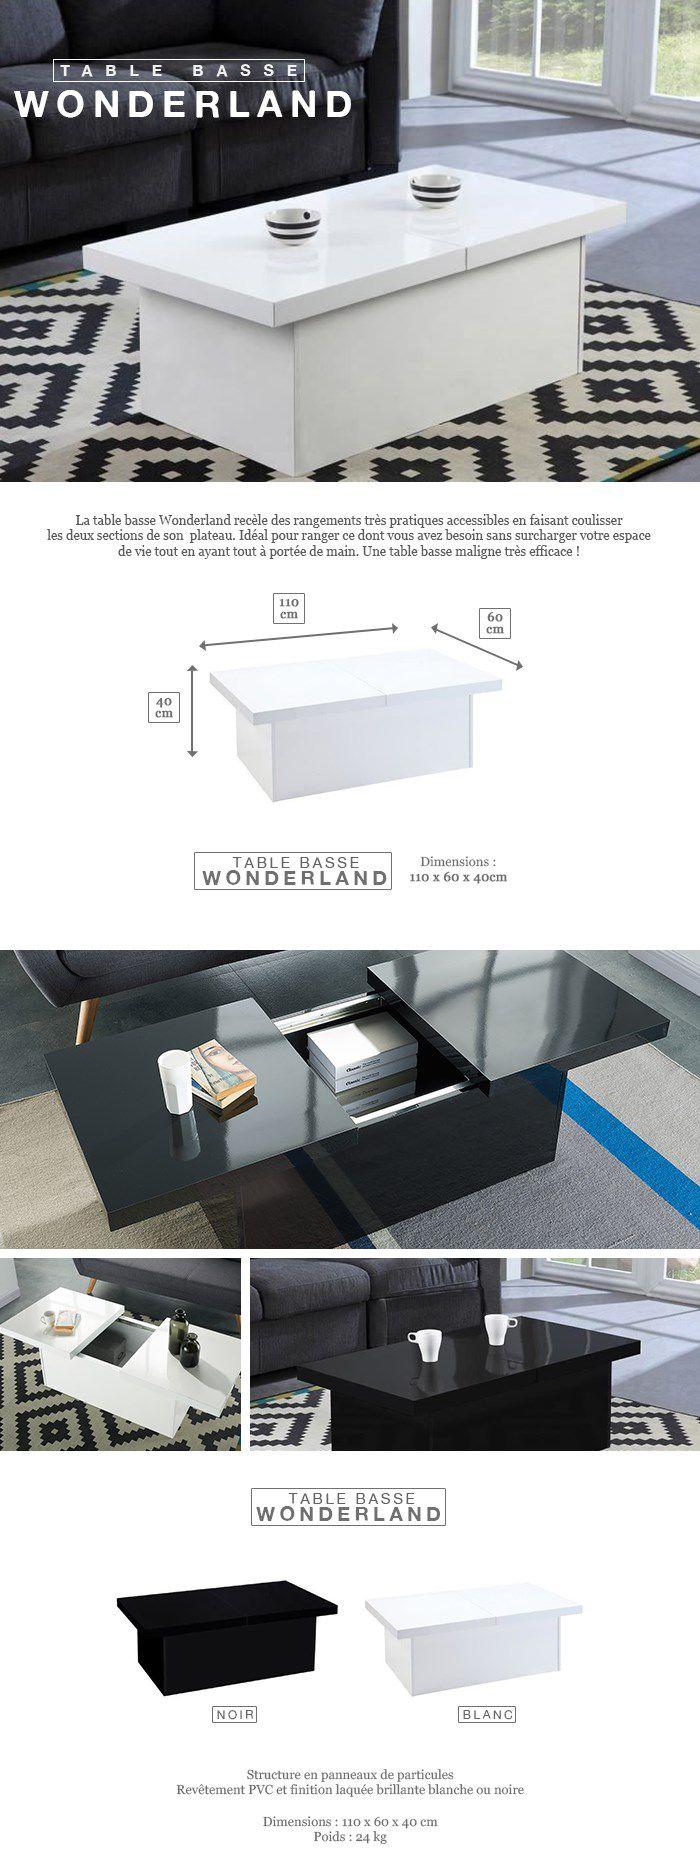 WONDERLAND Table basse extensible style contemporain noir brillant - L 110-142 x l 60 cm